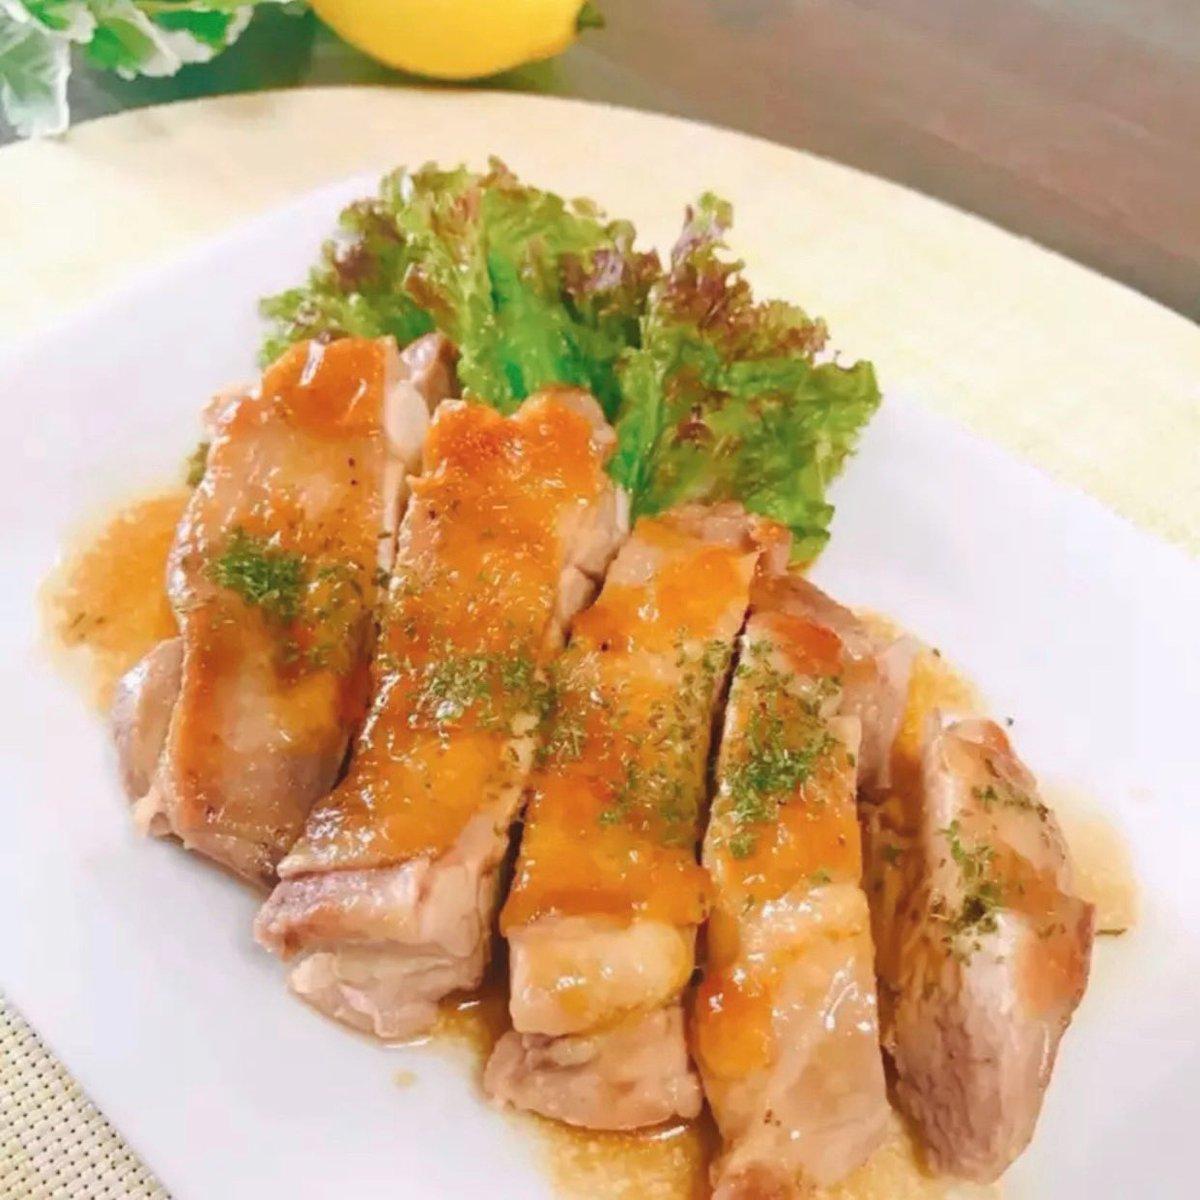 【楽めし】レモン醤油で♡簡単チキンソテー照り焼きに飽きたら♡簡単シンプル。おつまみ・お弁当にも〜#簡単レシピ #料理 #おうちごはん